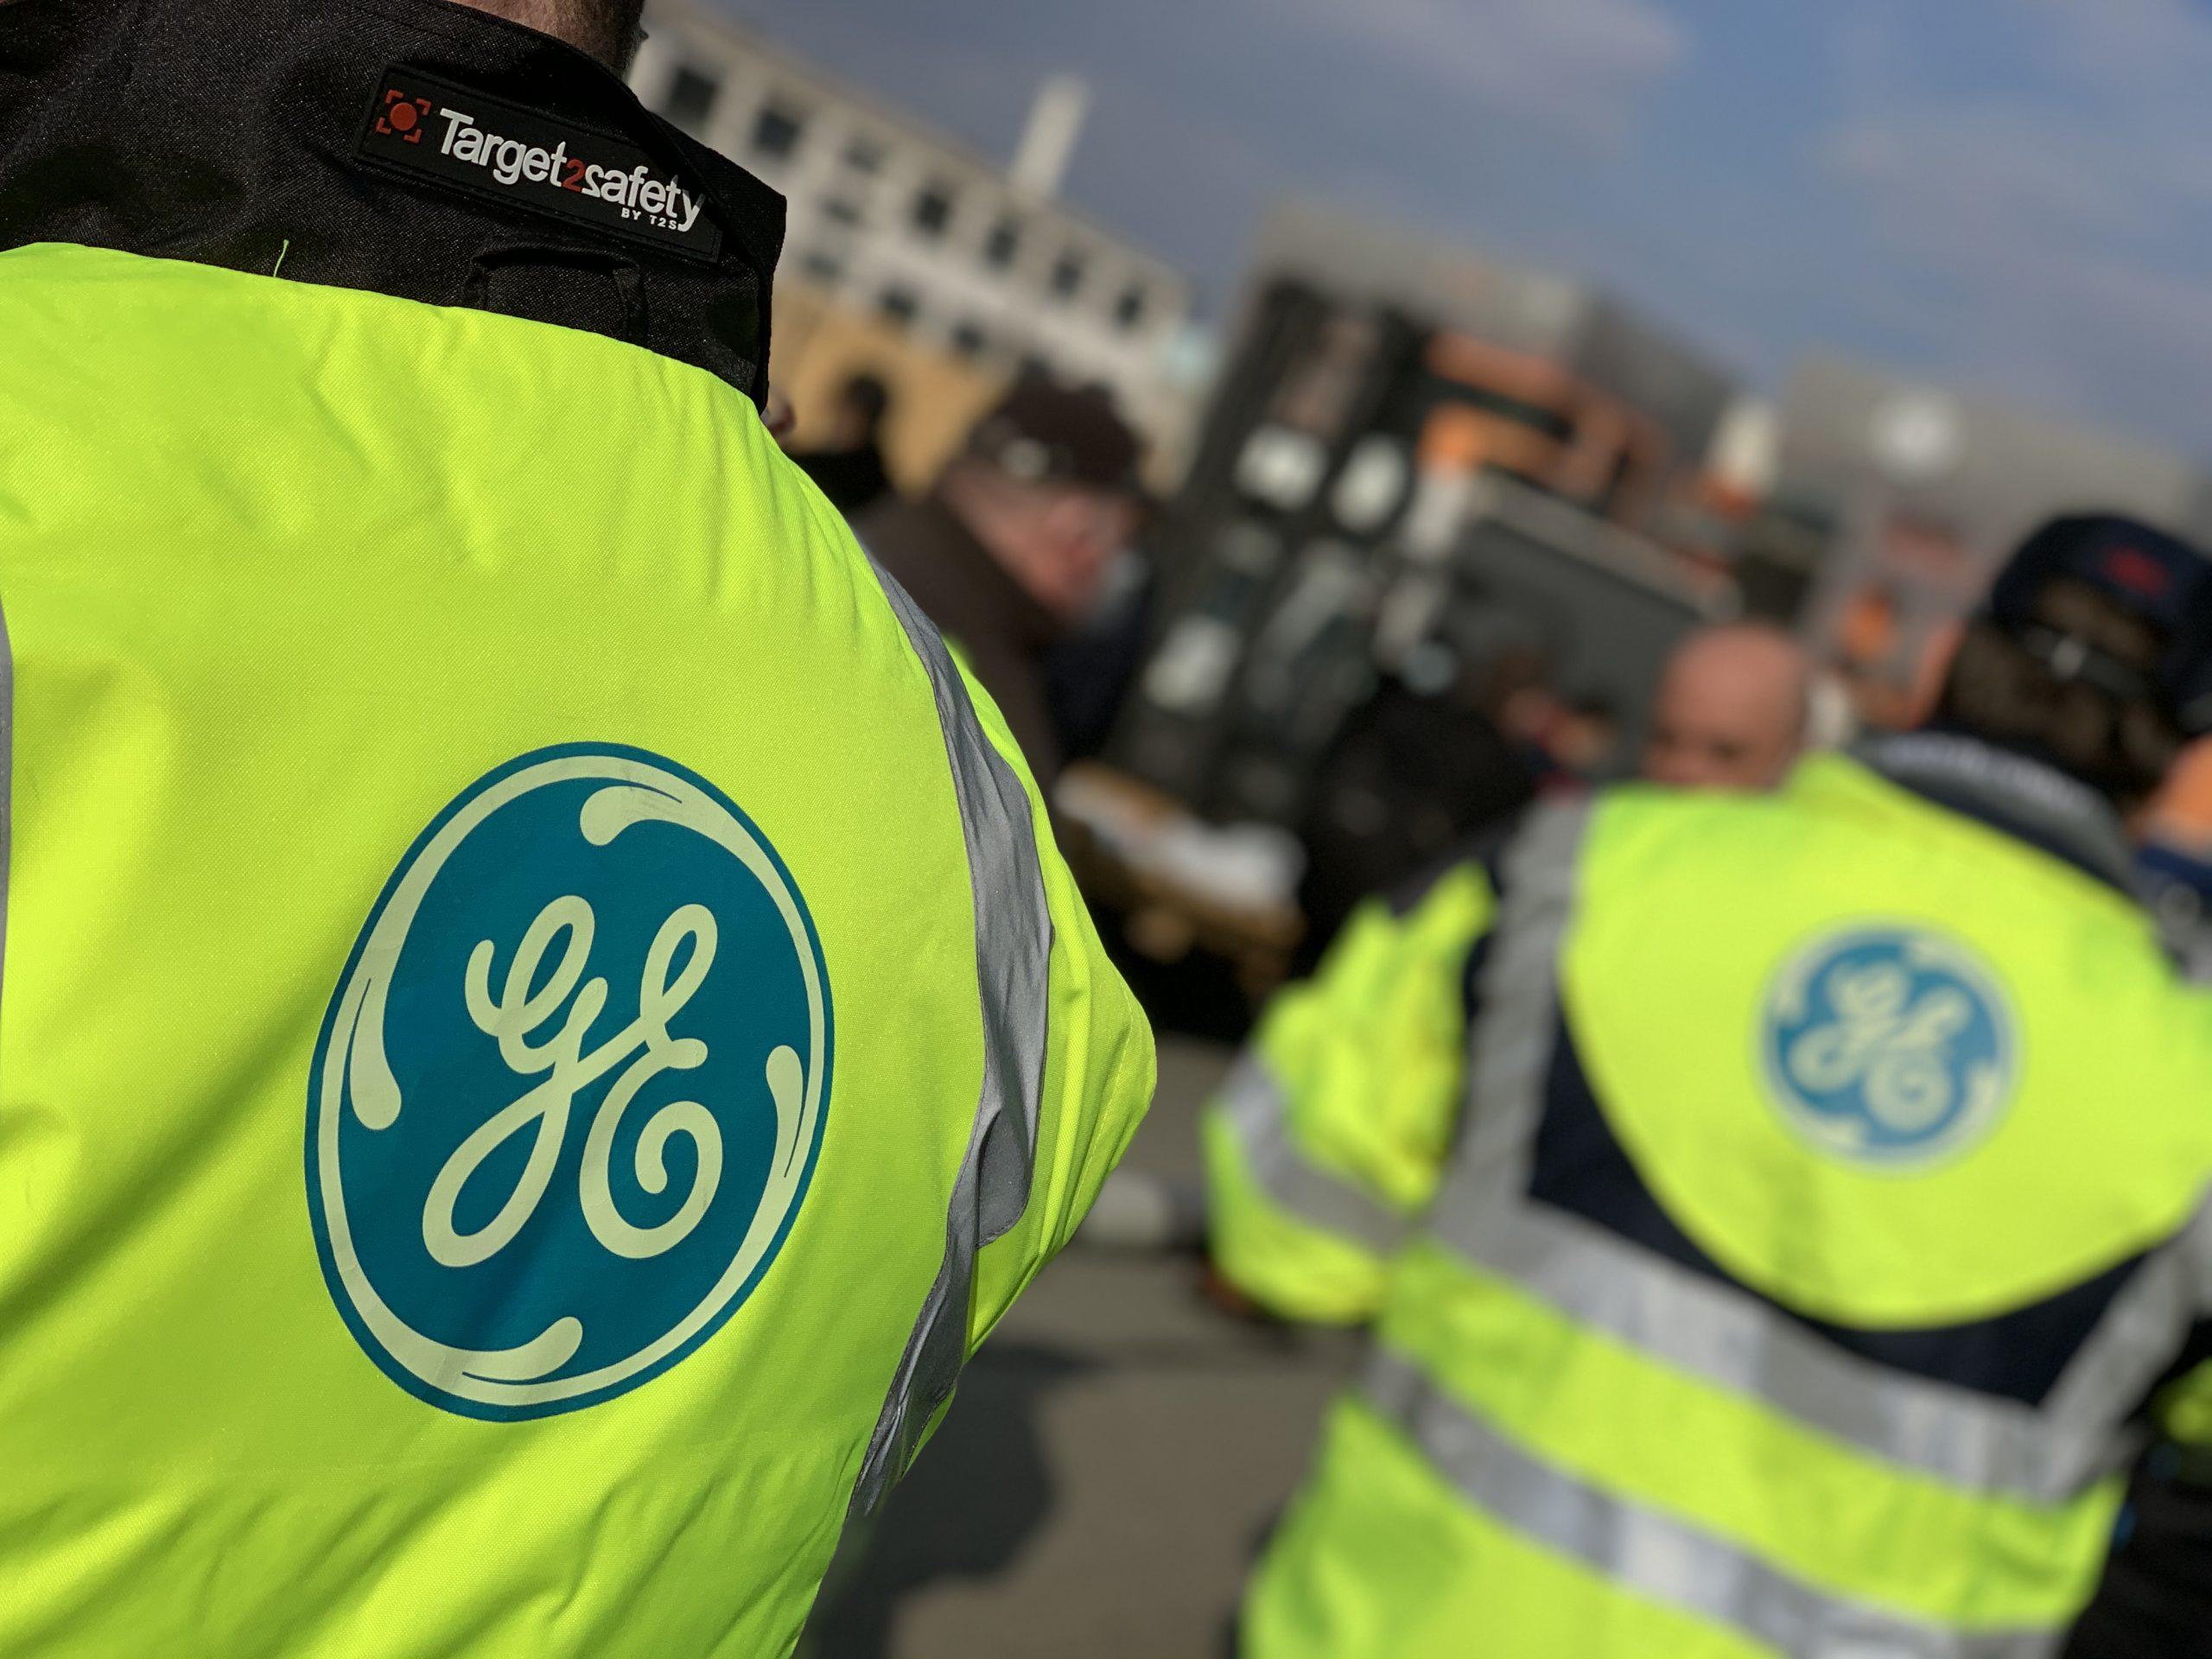 L'entité turbines à gaz de General Electric met en demeure l'industriel américain de faire respecter les accords de 2014 et 2019.